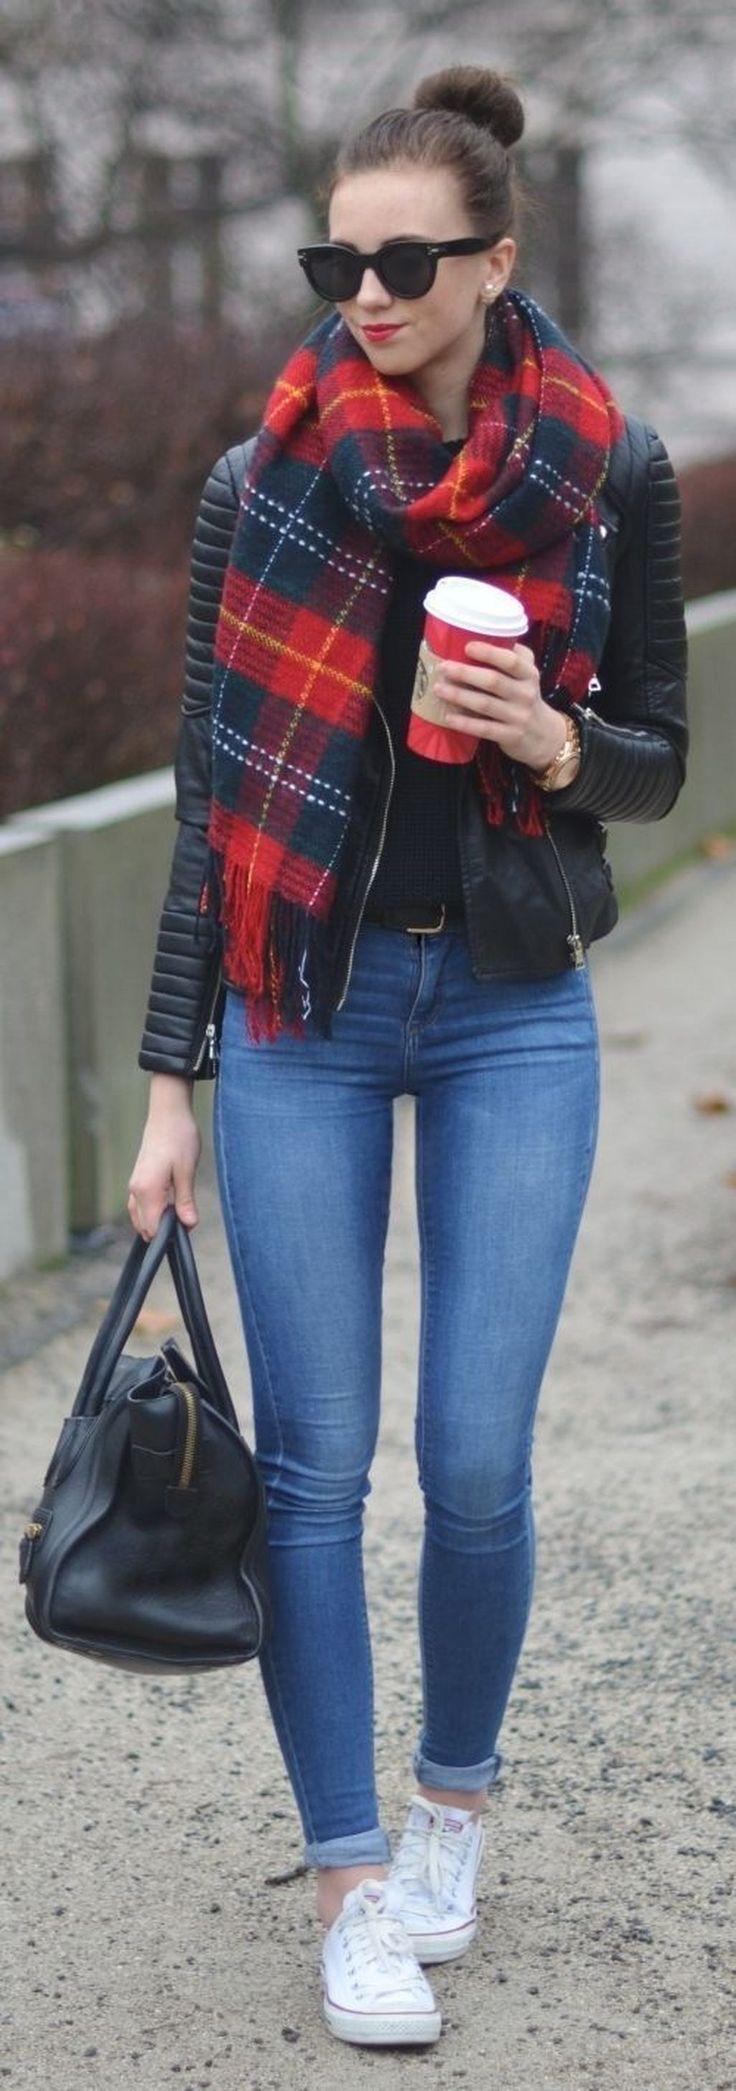 Photo of Las 8 mejores ideas para vestir